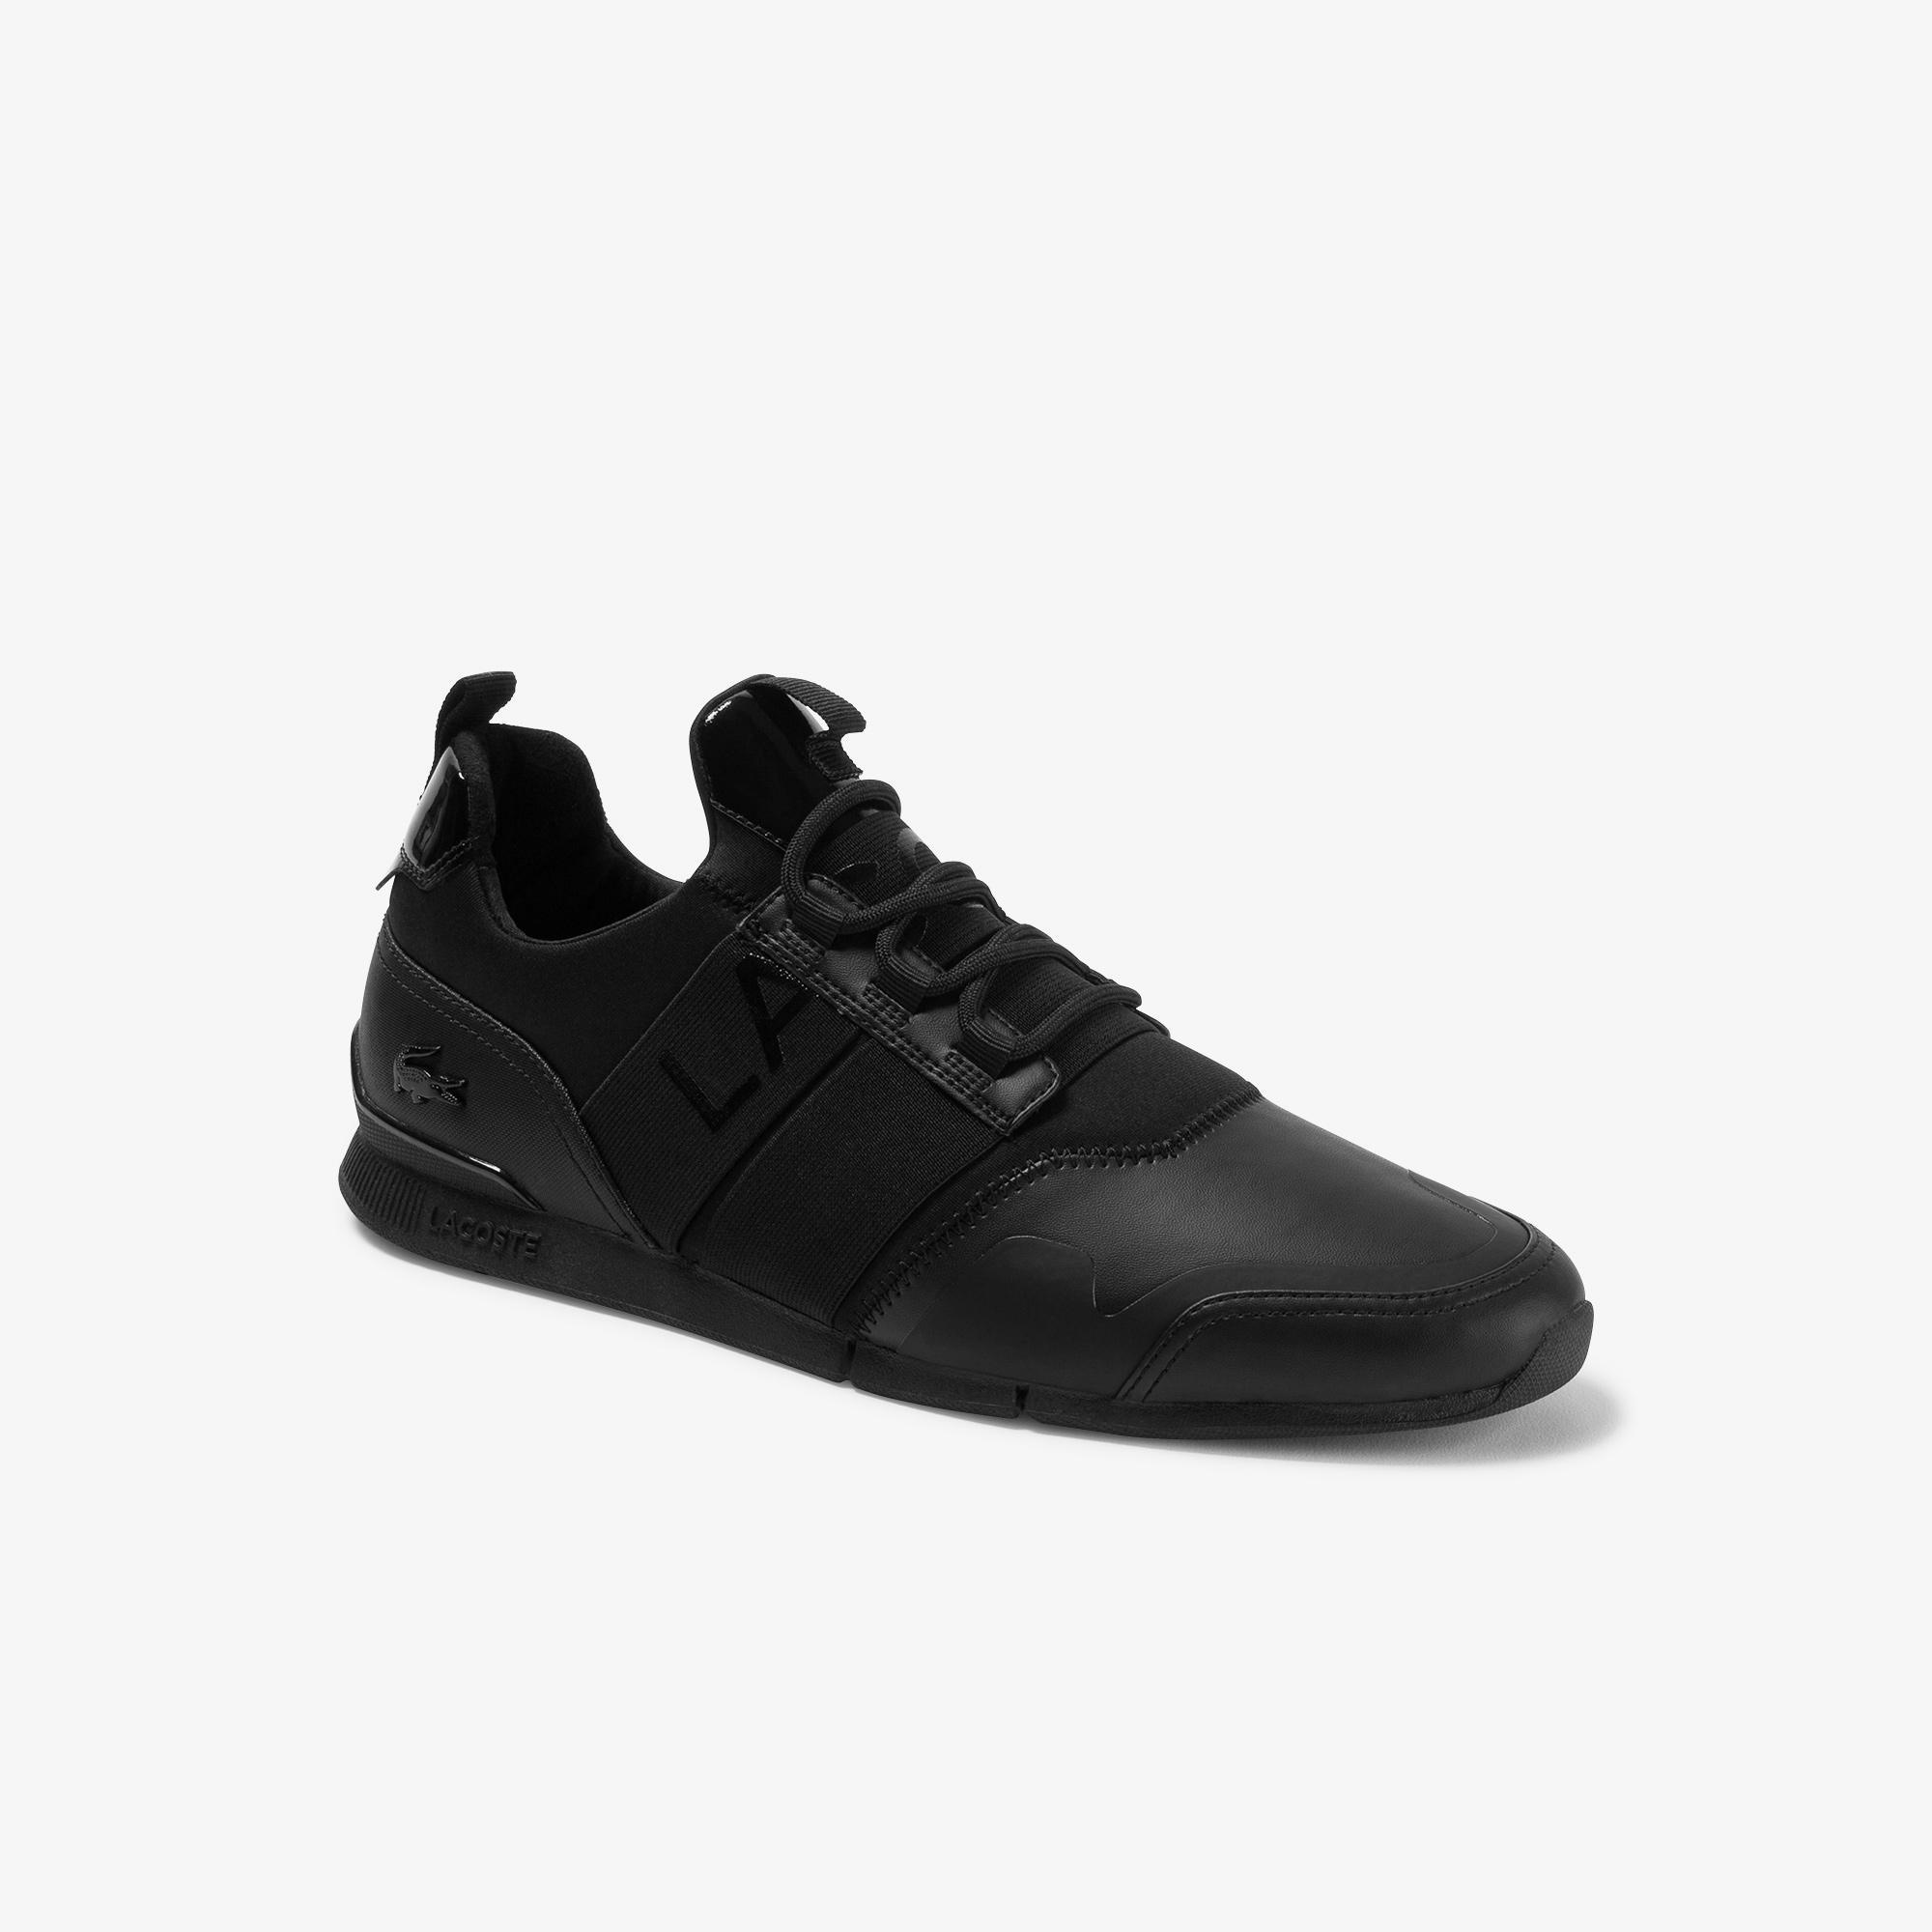 Lacoste Menerva Elite 120 2 Men's Sneakers